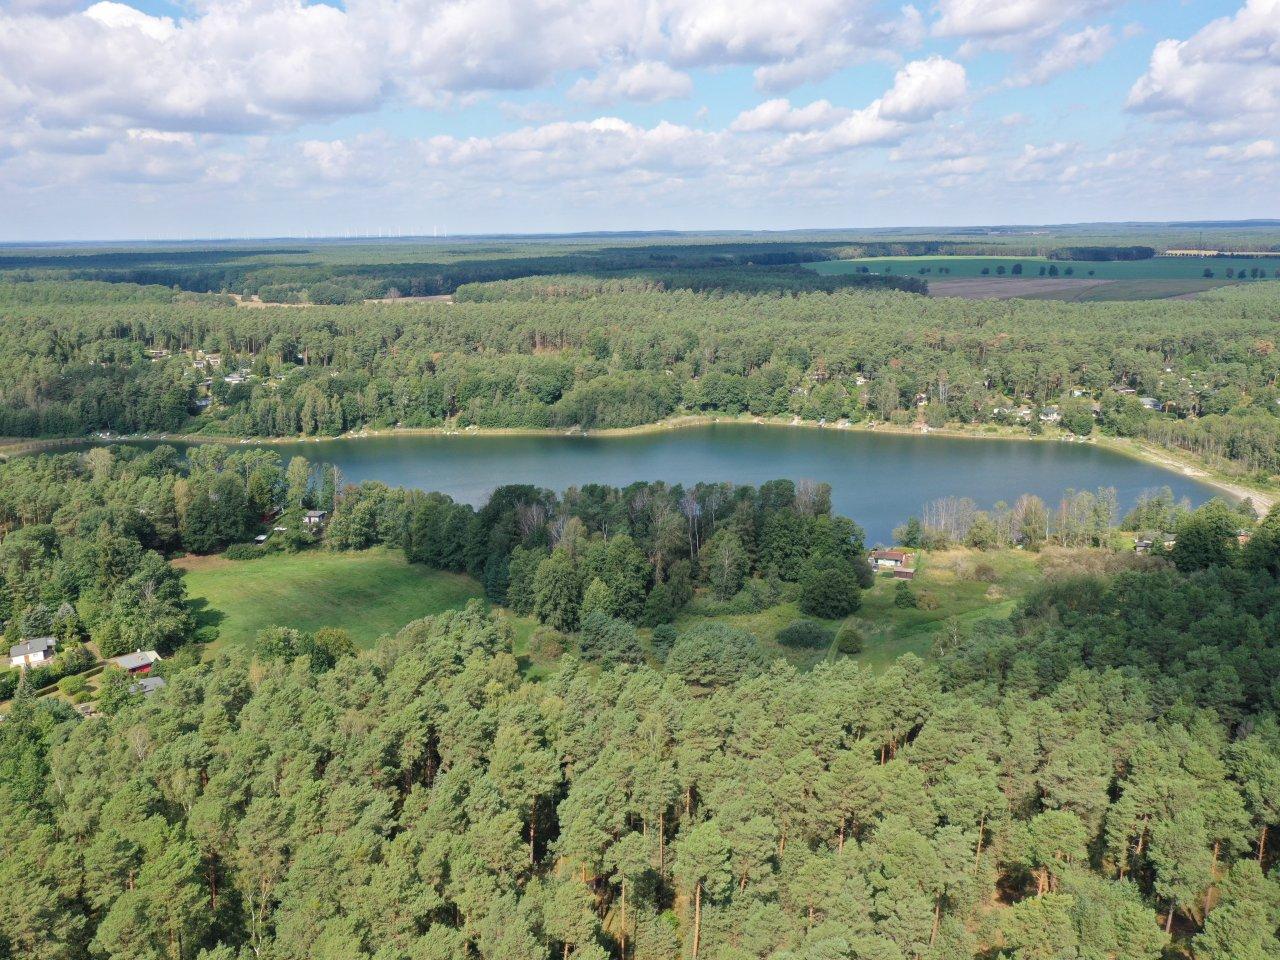 Grundstück in 2. Reihe zum Pinnower See und unmittelbarer Nachbarschaft zur Wochenendhausbebauung im Schlaubetal